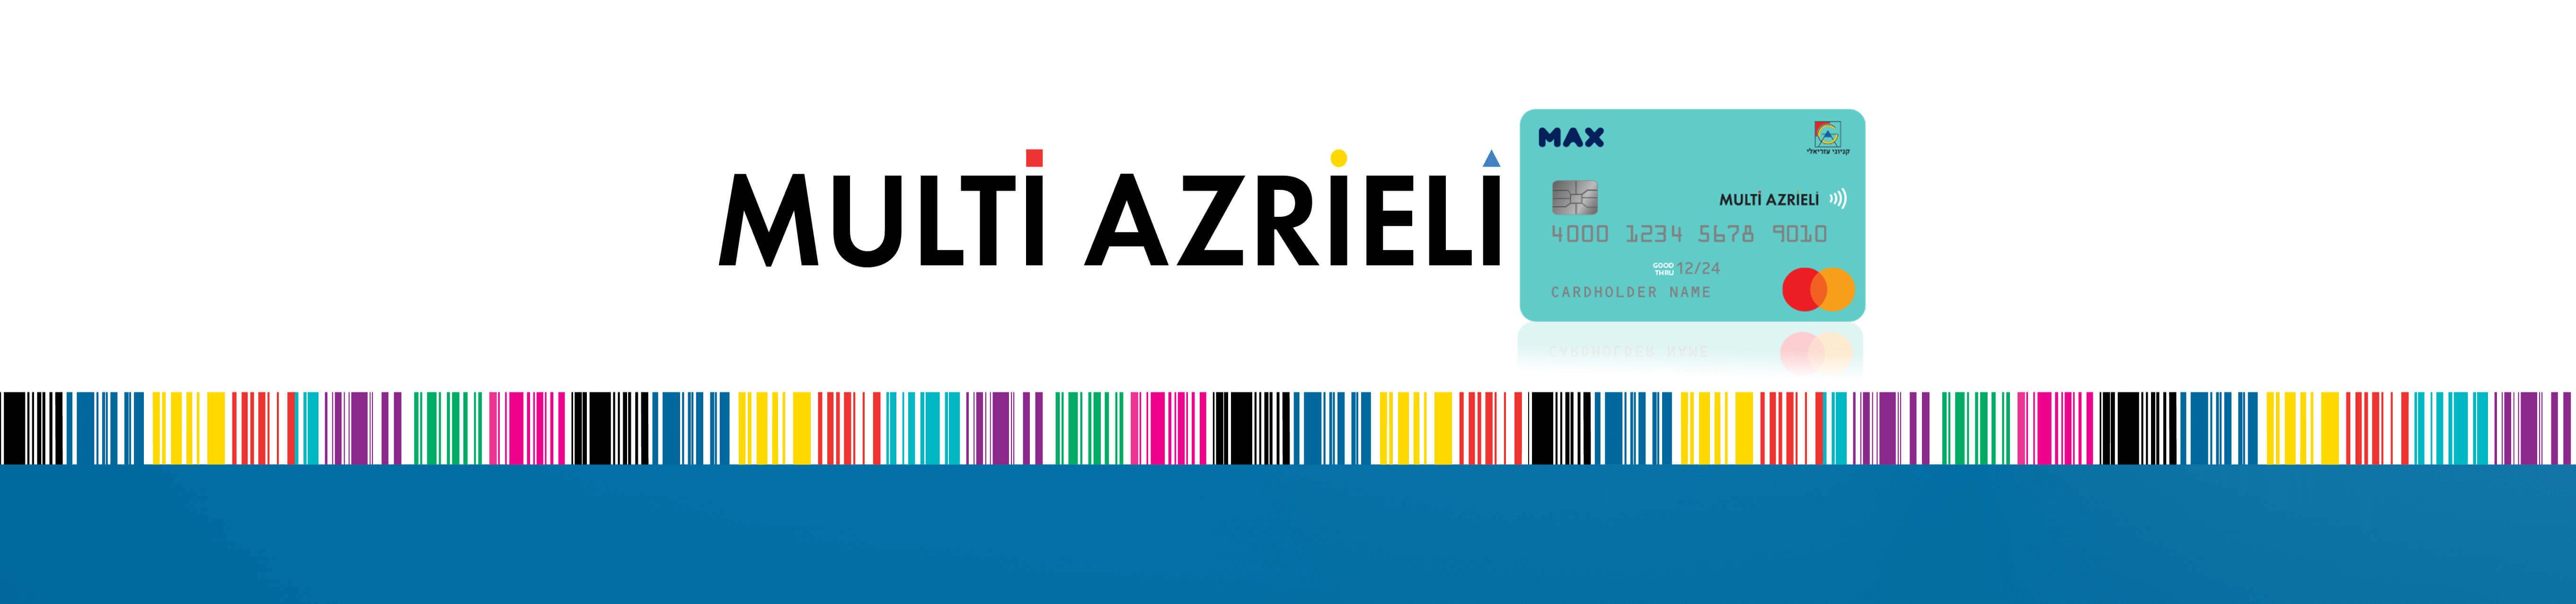 azrieli_banner_2020